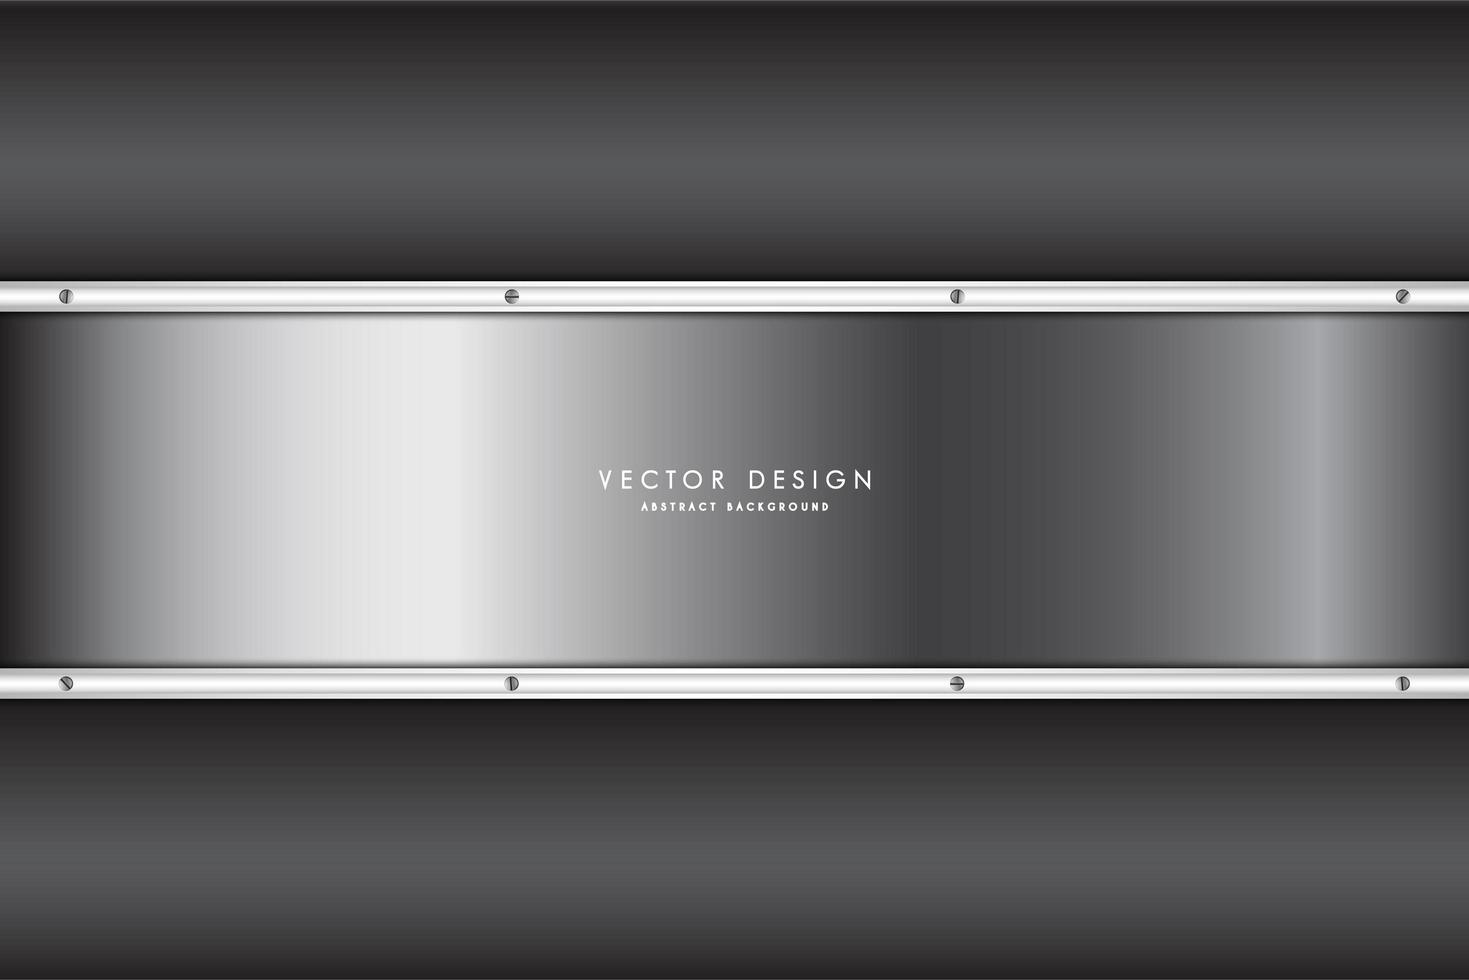 metallic zilver verloop paneel over donkergrijs verloop vector